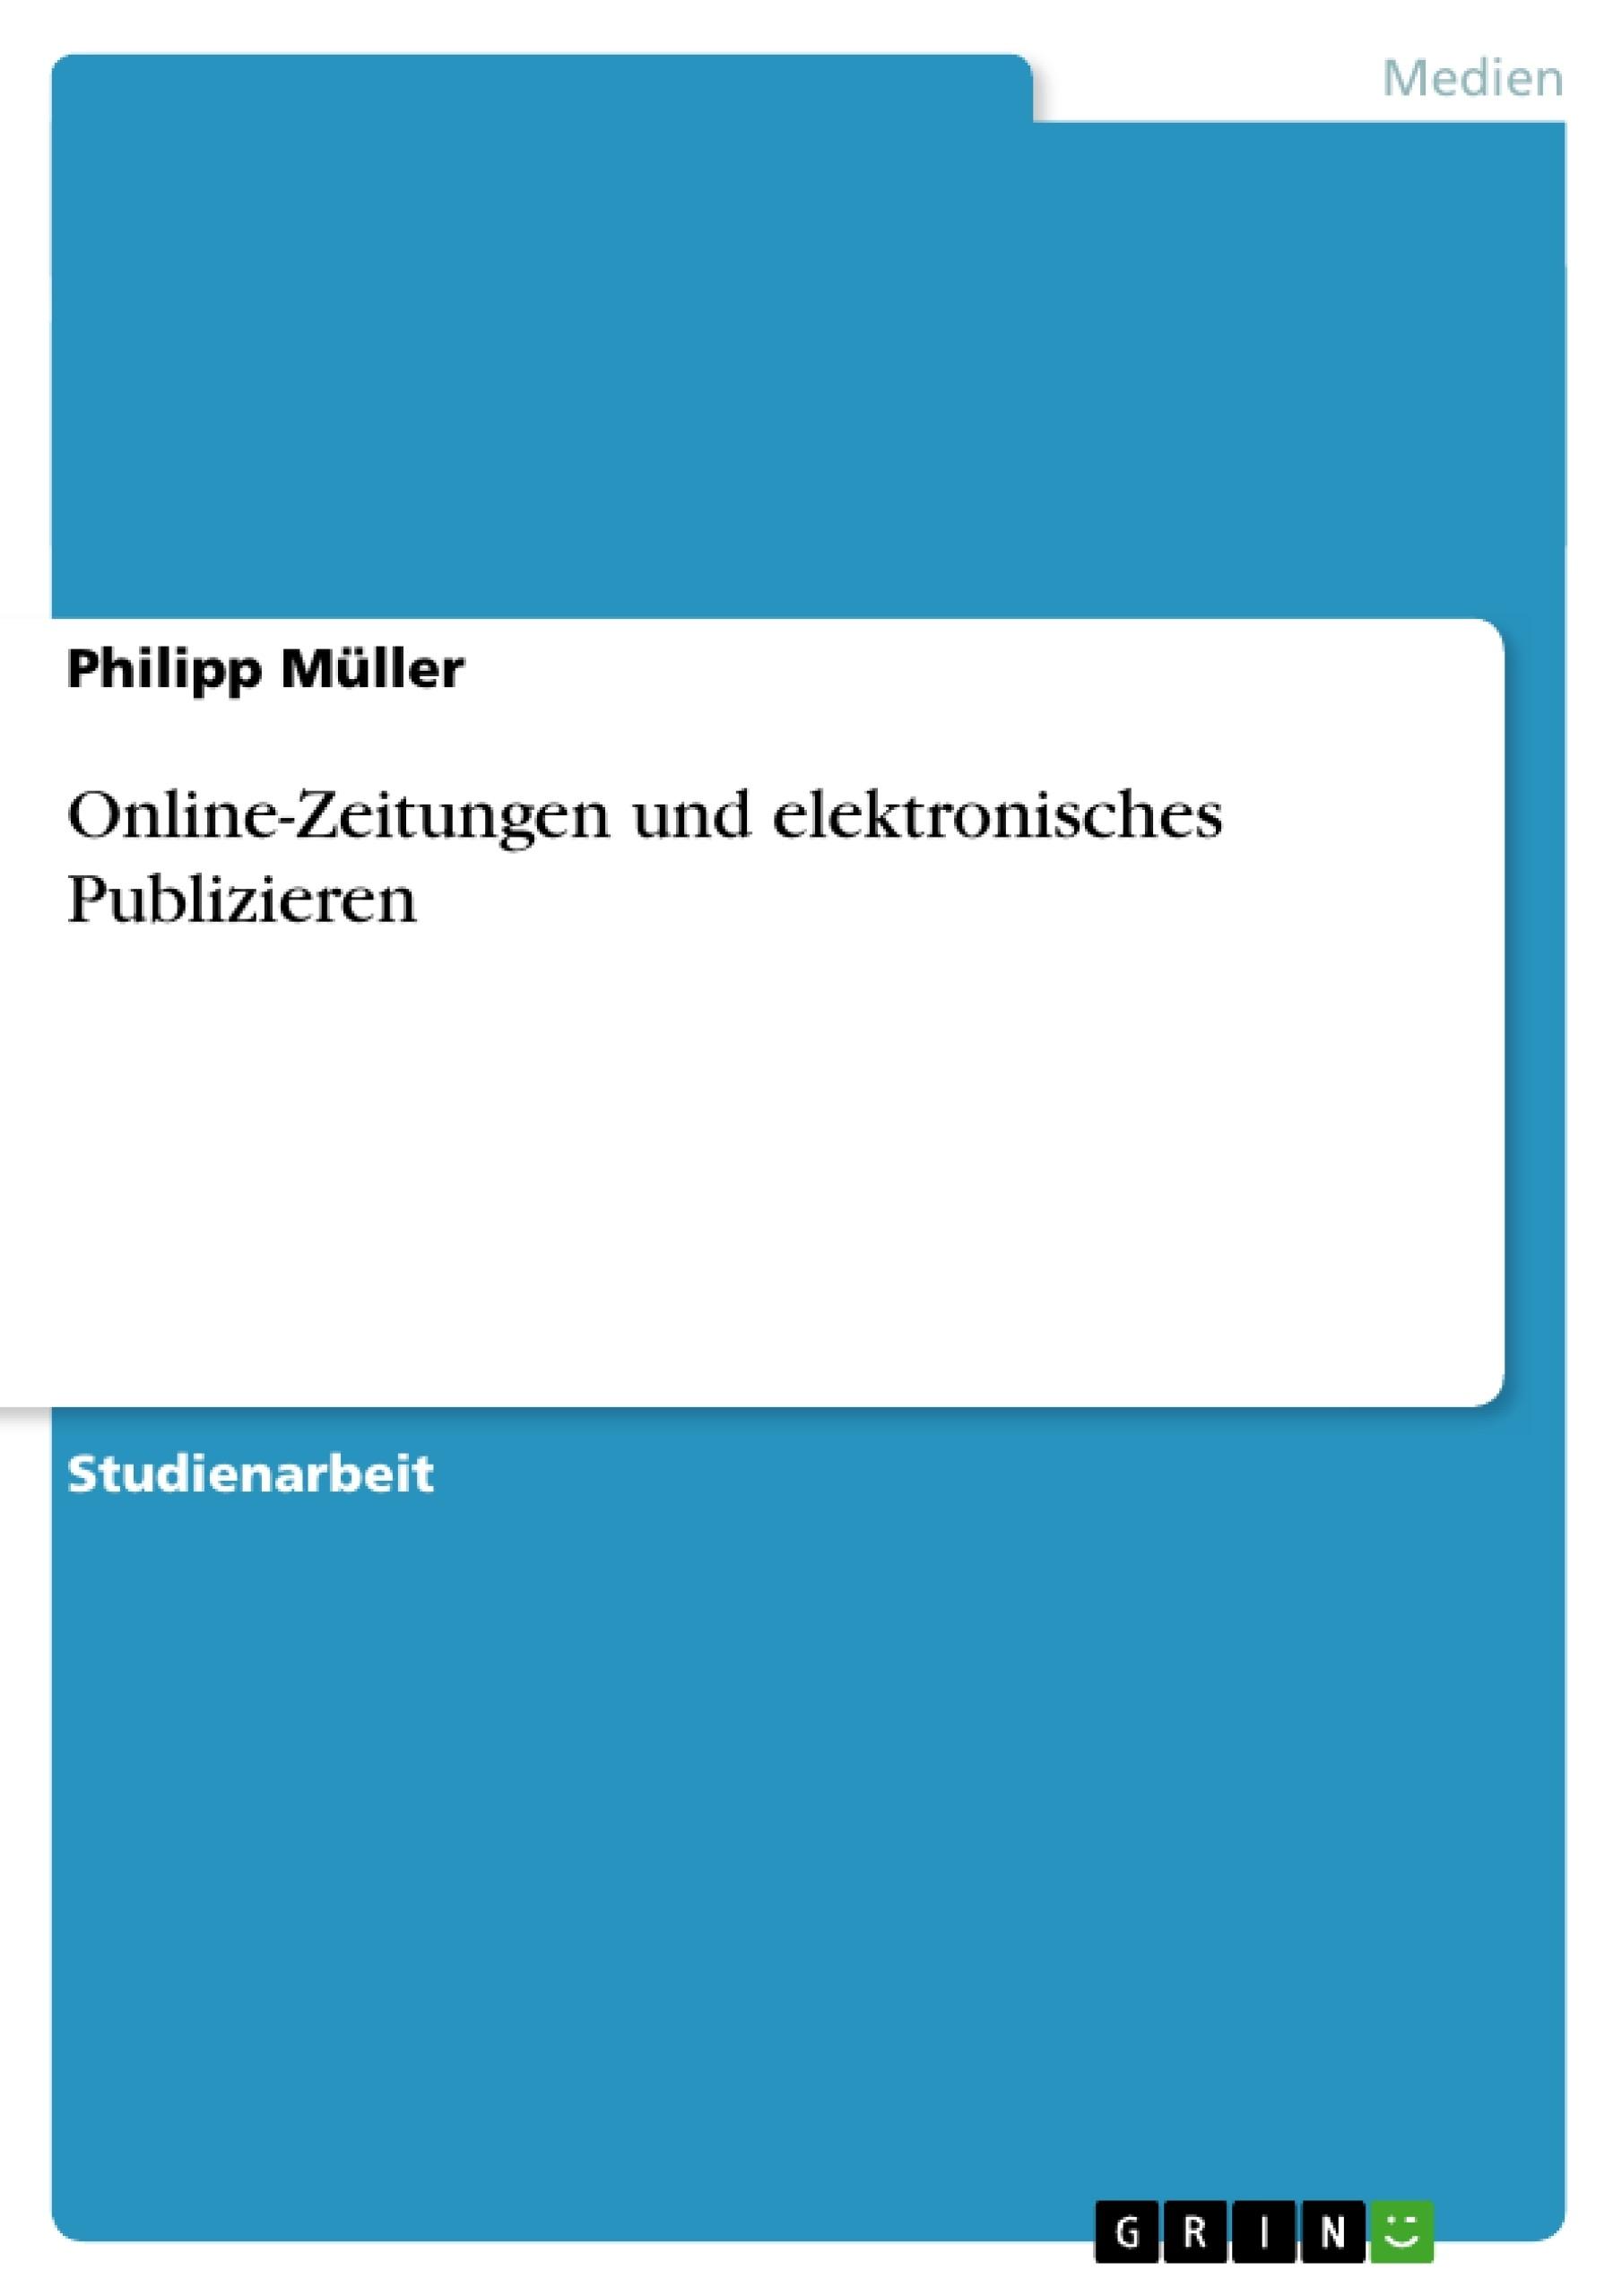 Titel: Online-Zeitungen und elektronisches Publizieren